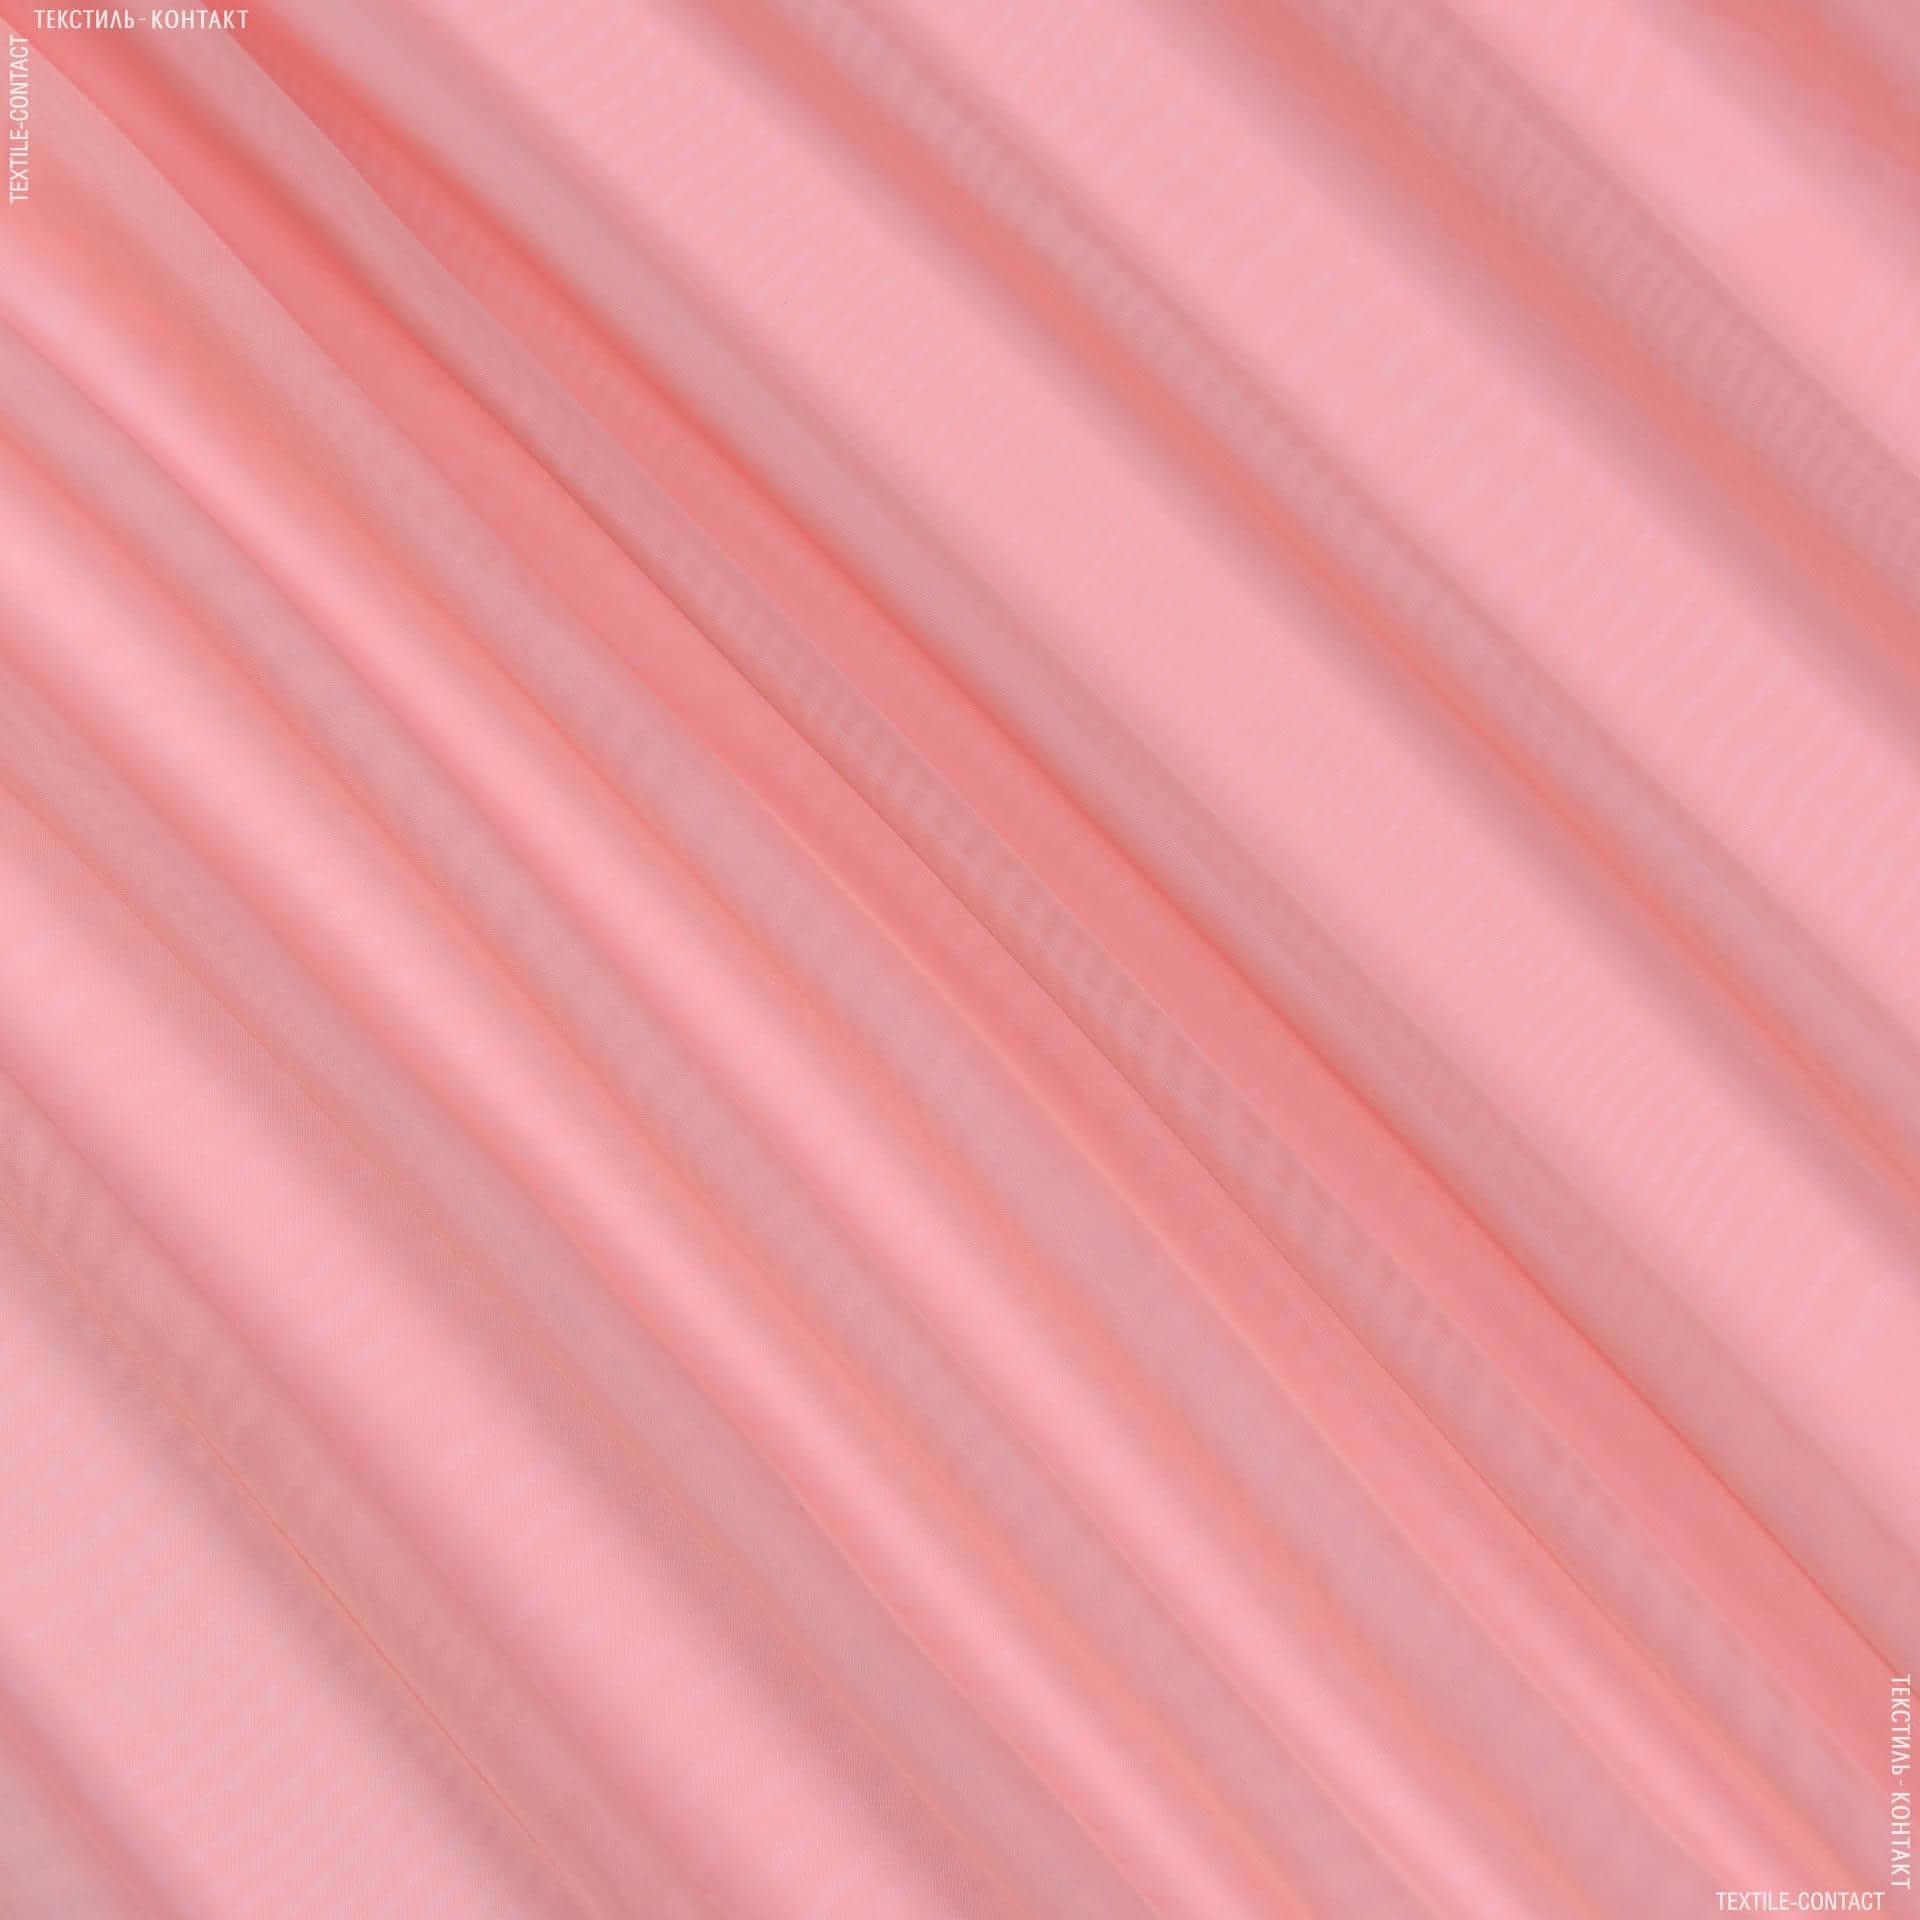 Ткани гардинные ткани - Тюль  вуаль розовый пион